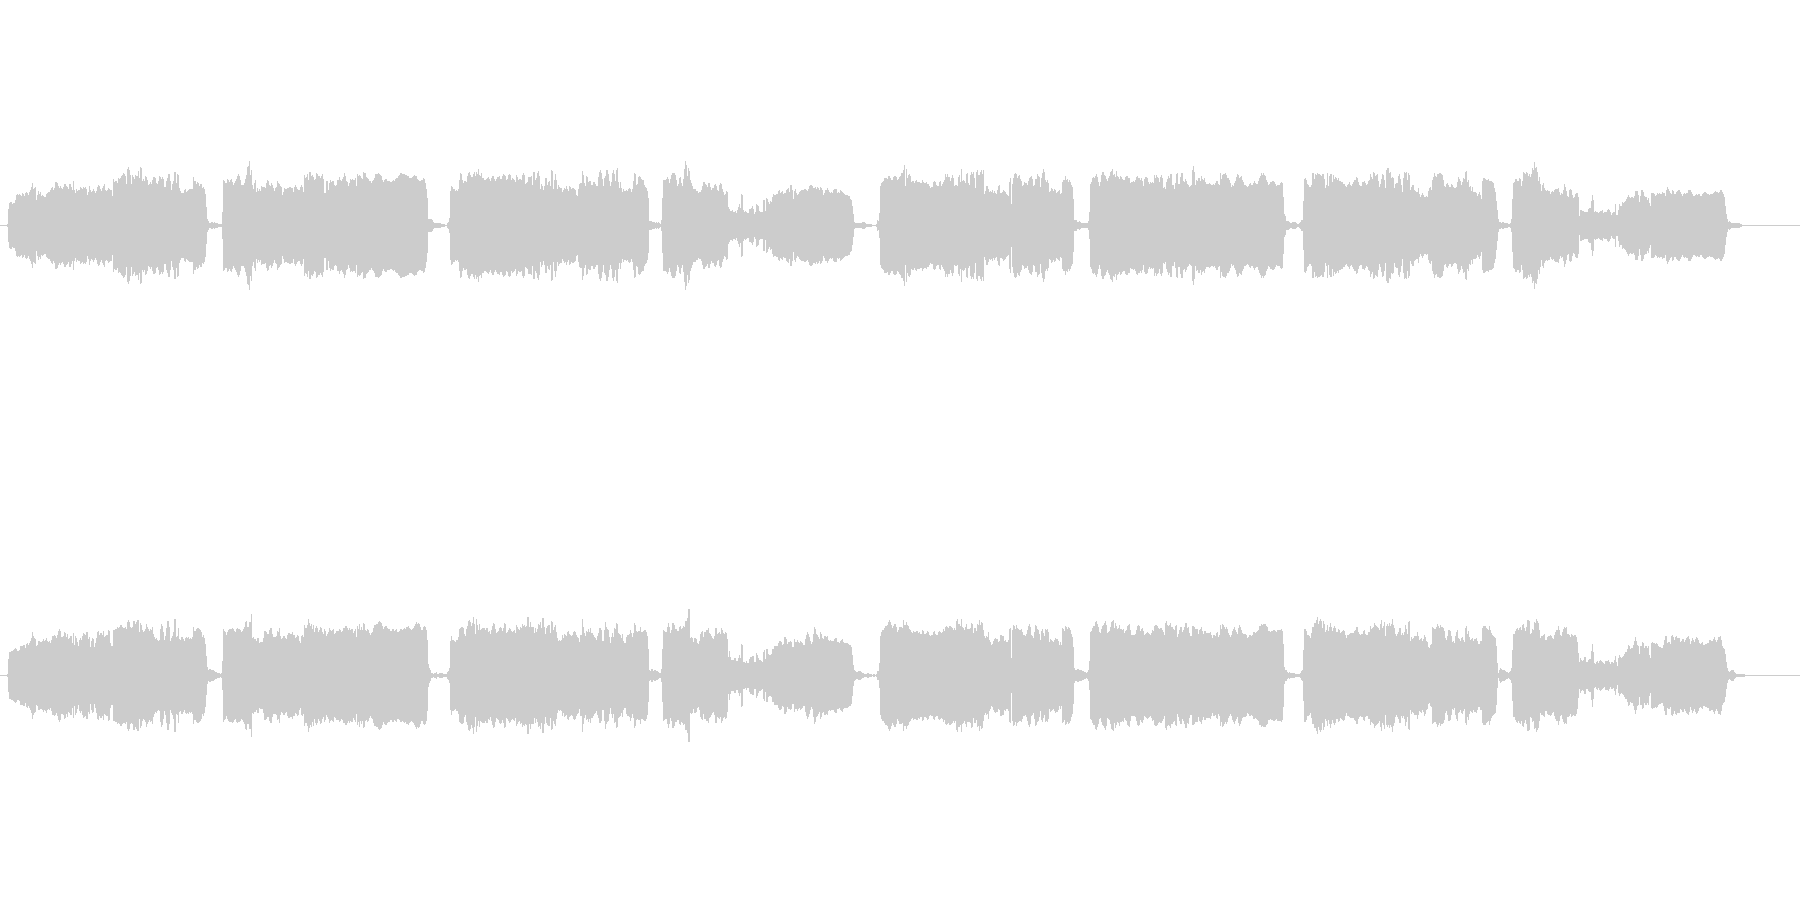 「蛍の光」の篠笛独奏の未再生の波形